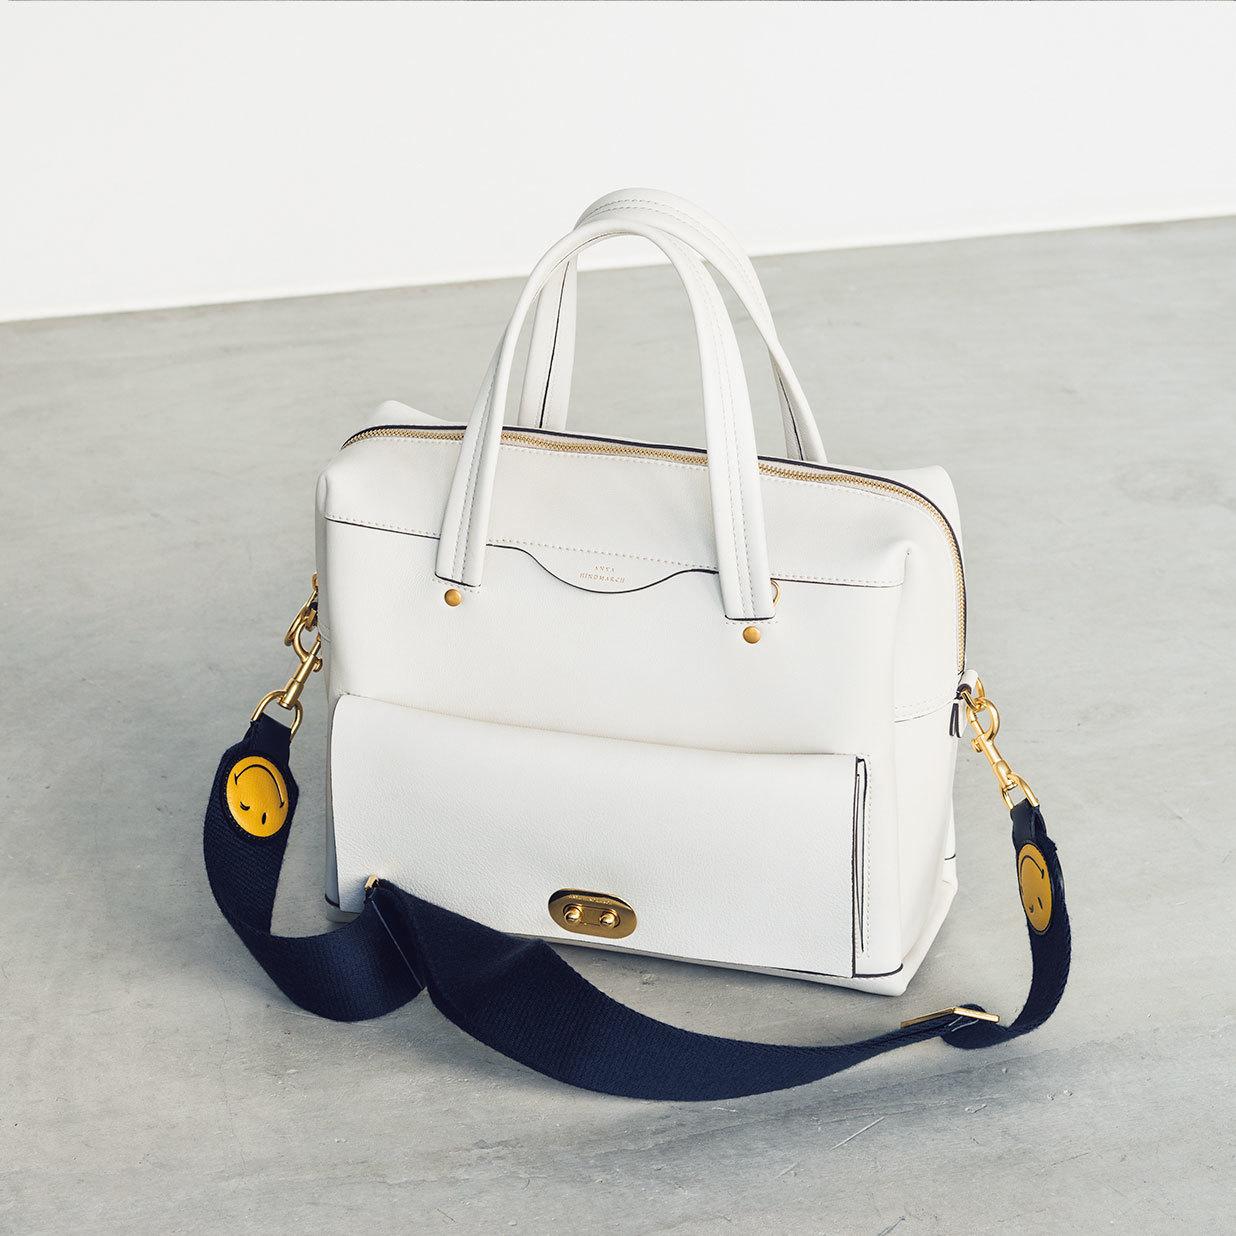 アニヤ・ハインドマーチの通勤バッグ